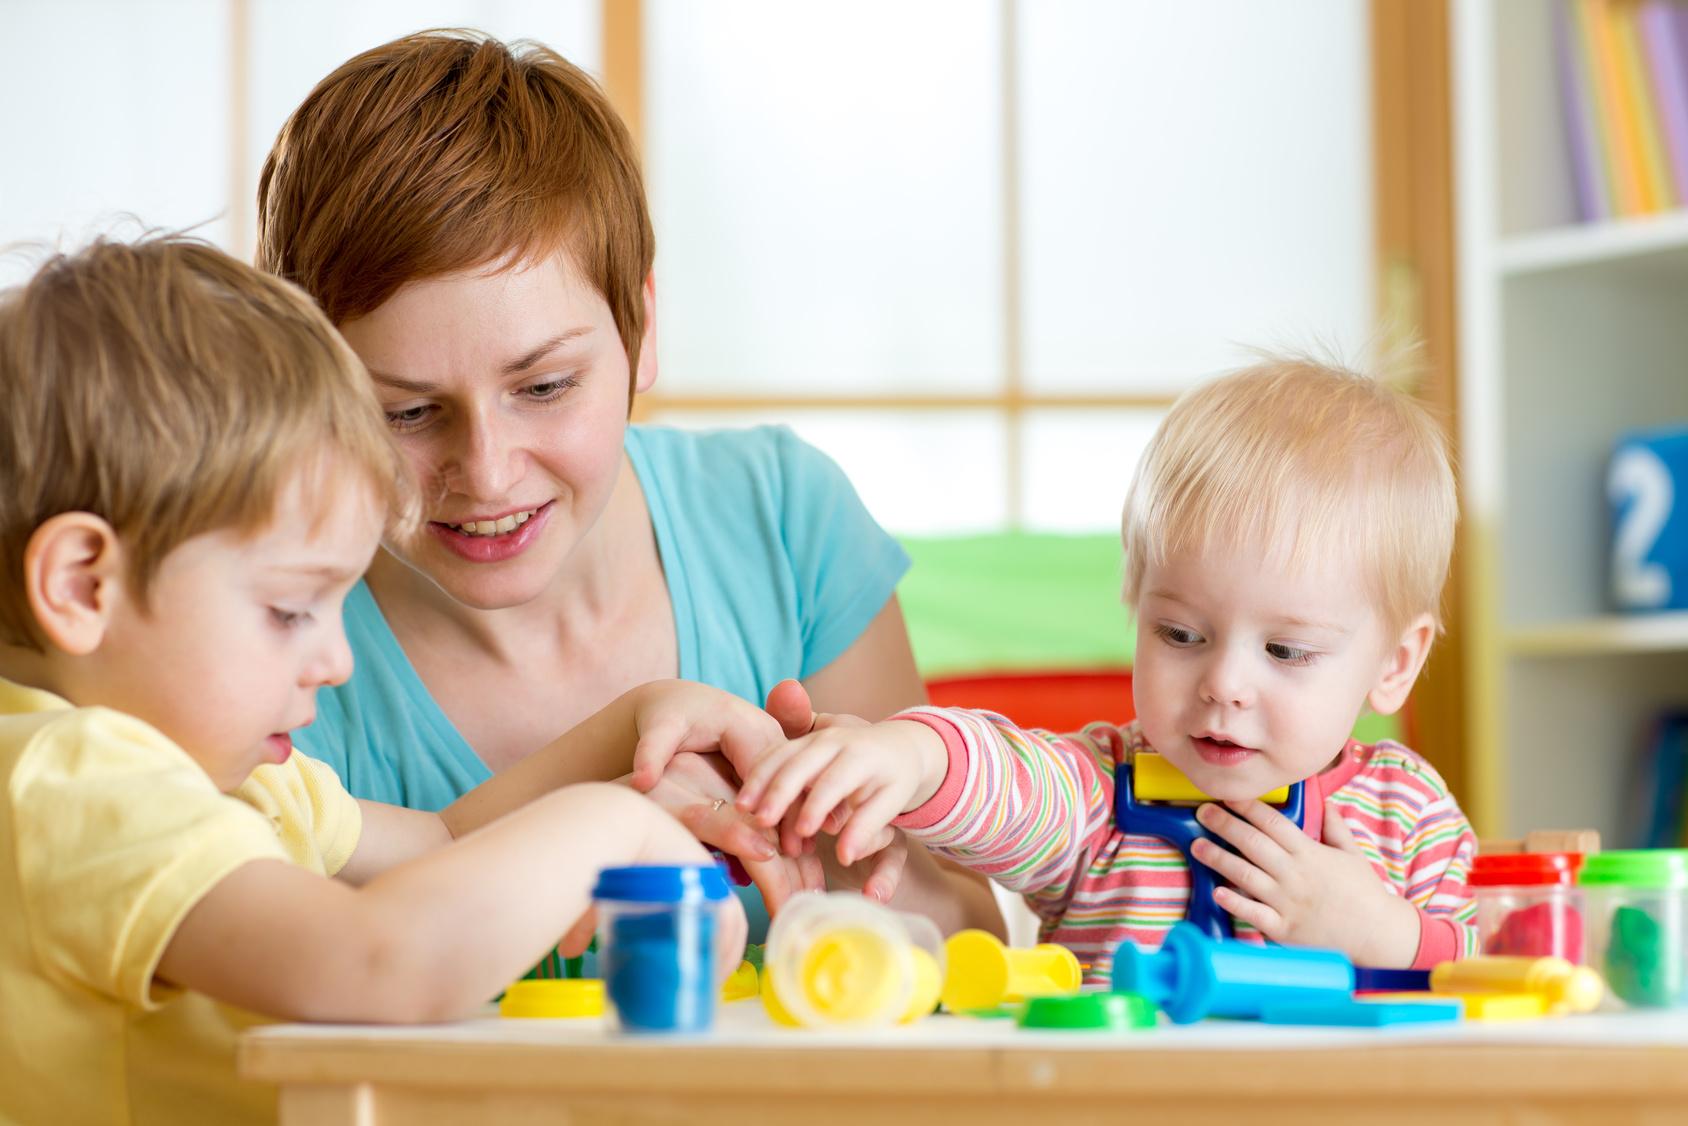 professionnelle avec enfants qui jouent